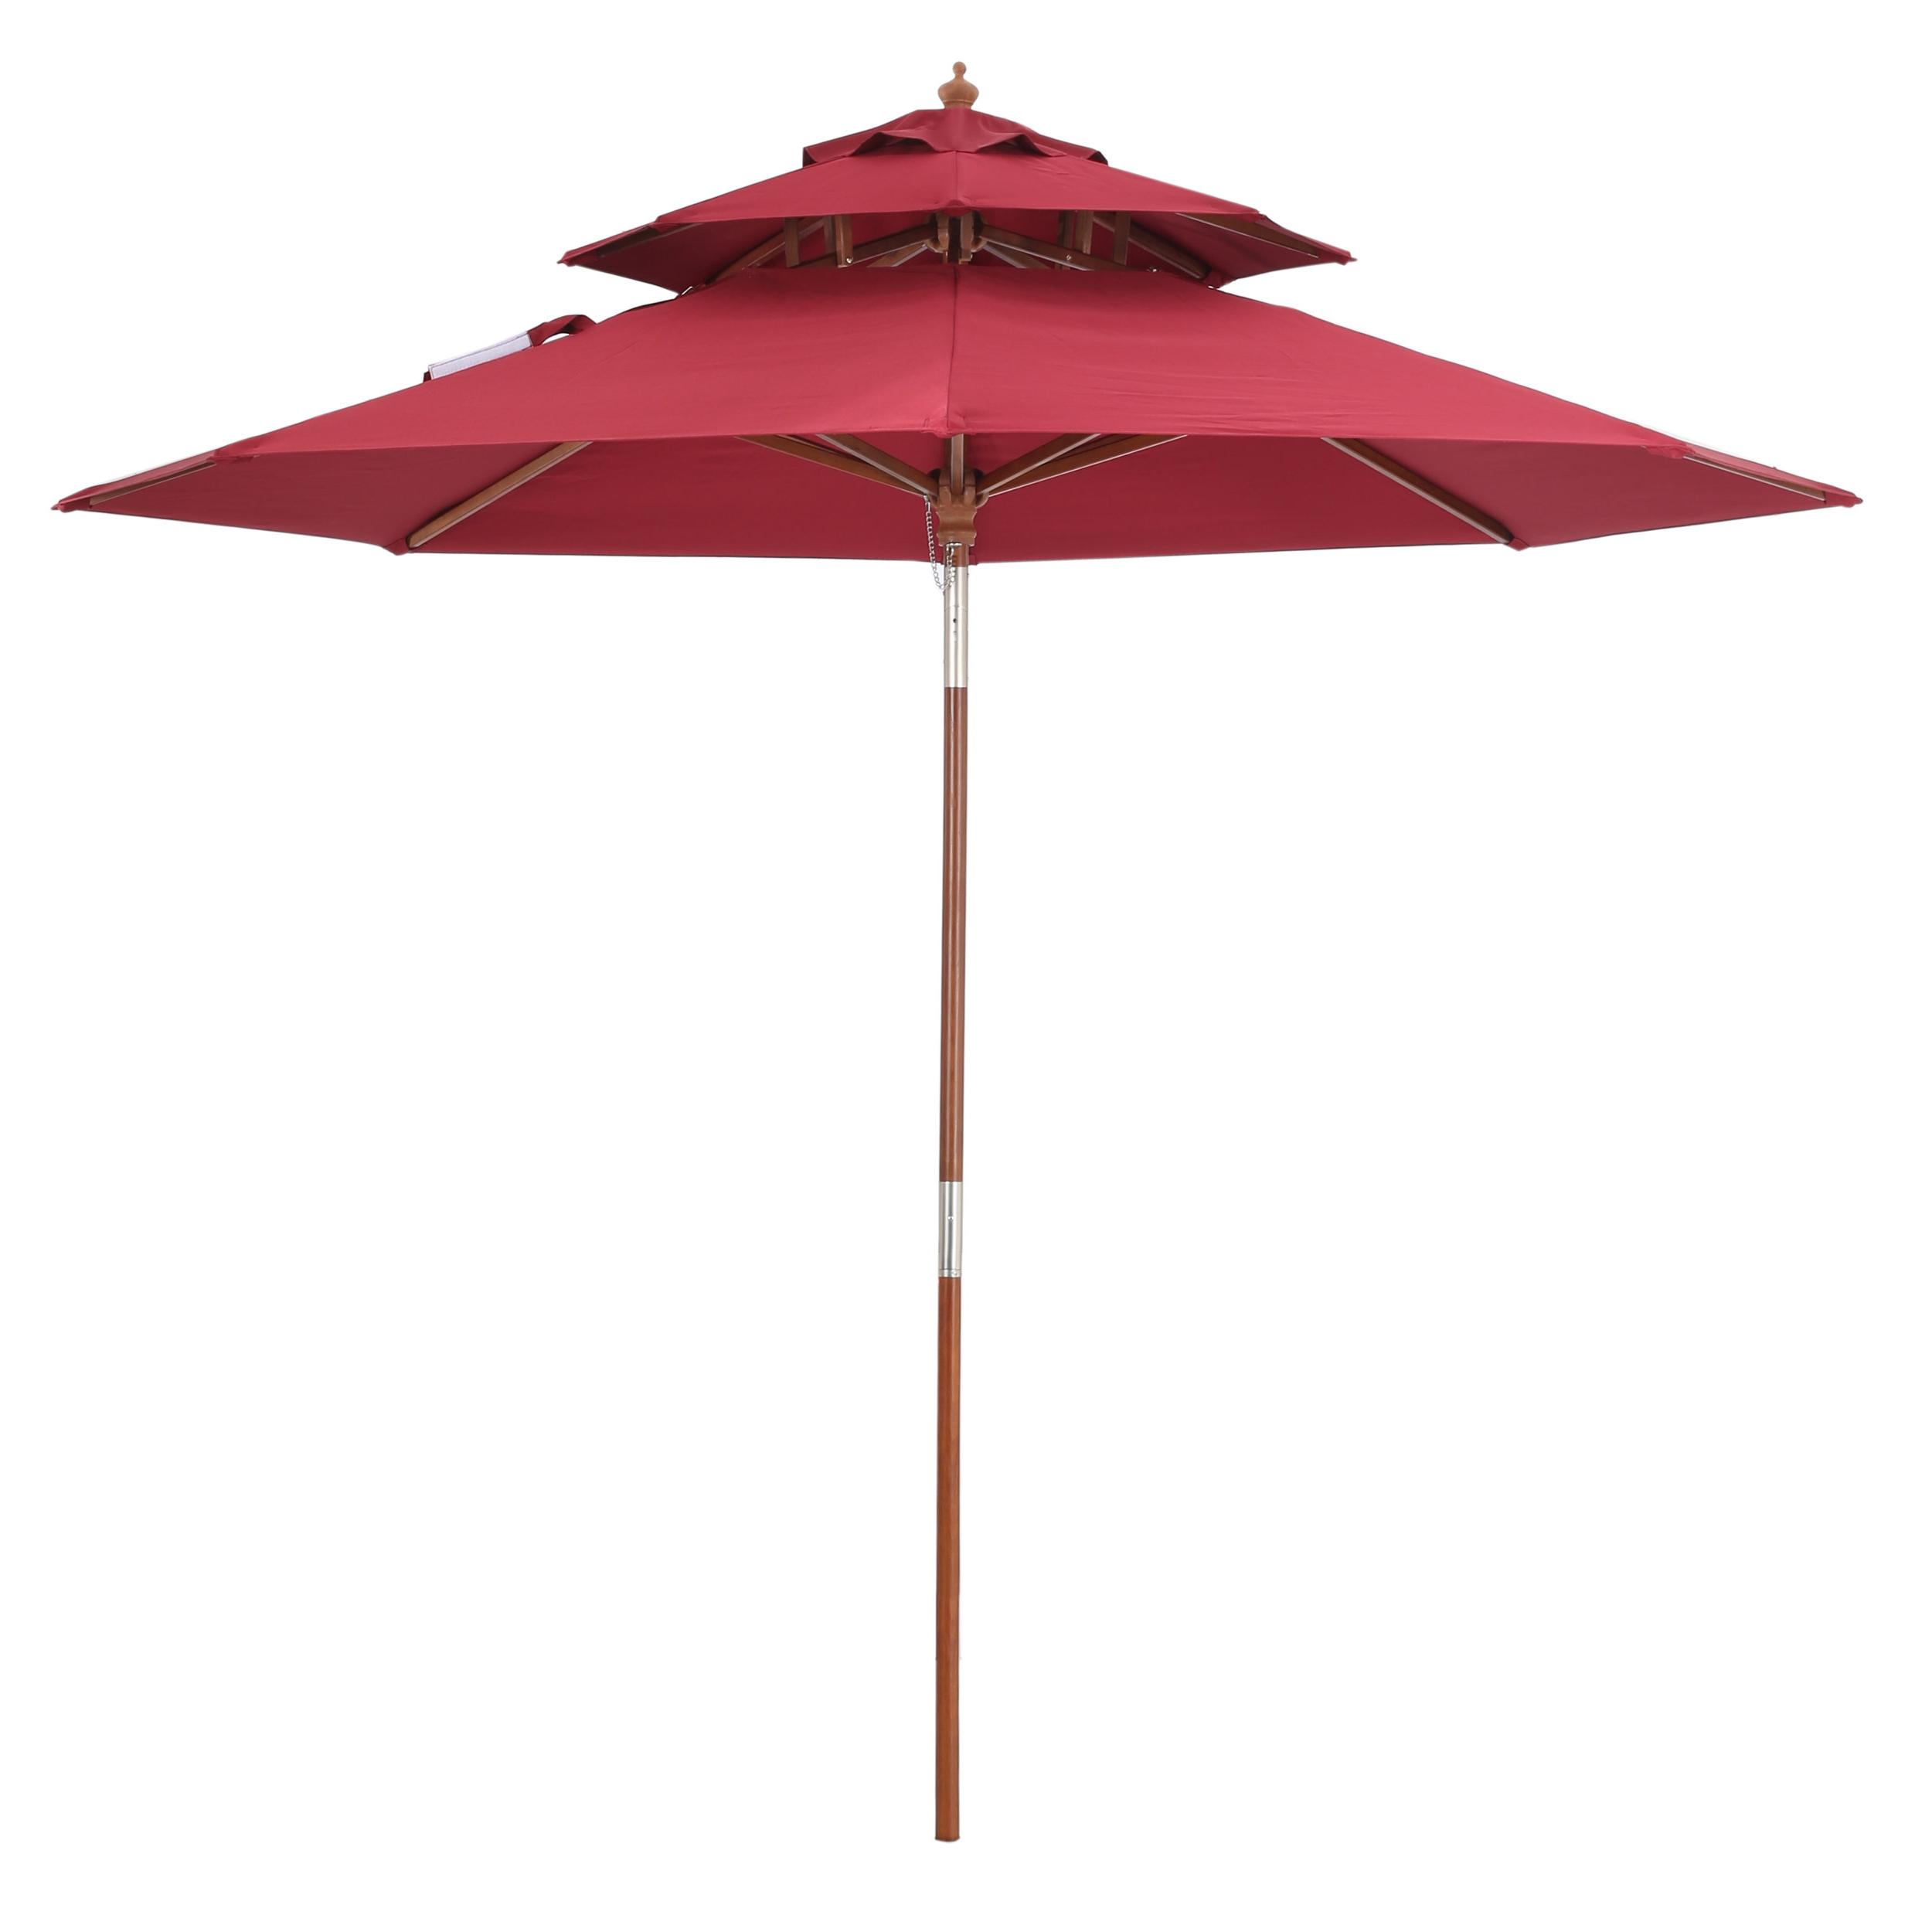 Belles  Market Umbrellas In Most Up To Date Zeigler 9' Market Umbrella (Gallery 11 of 20)